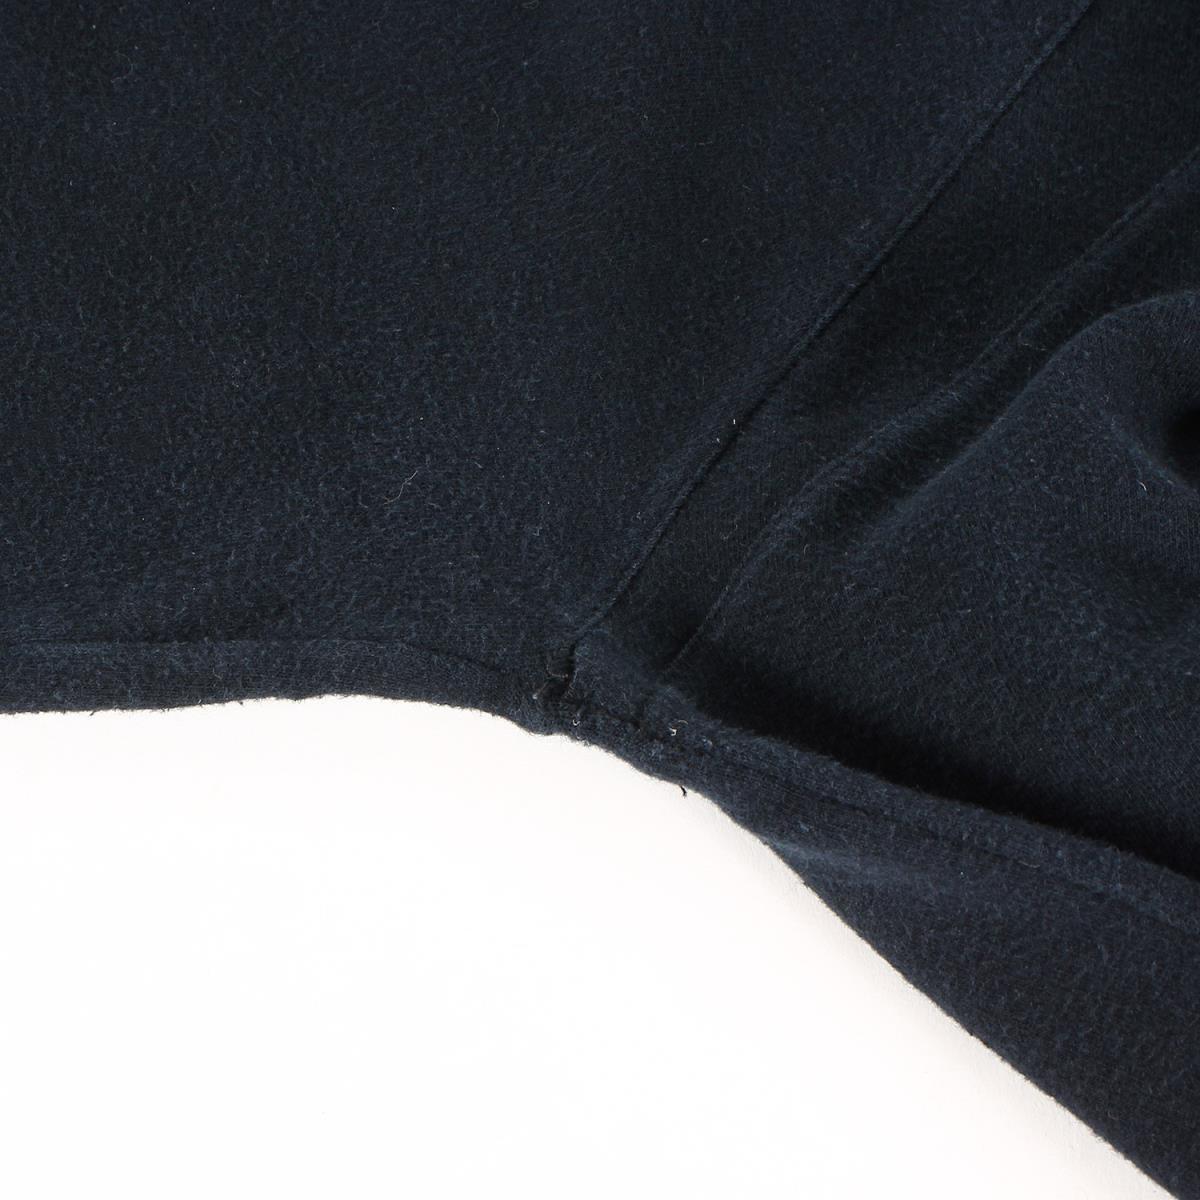 Dior HOMME ディオールオム パーカー 06AW These Grey Days期 グラフィックロゴ スウェット パーカー ブラック XS_画像8